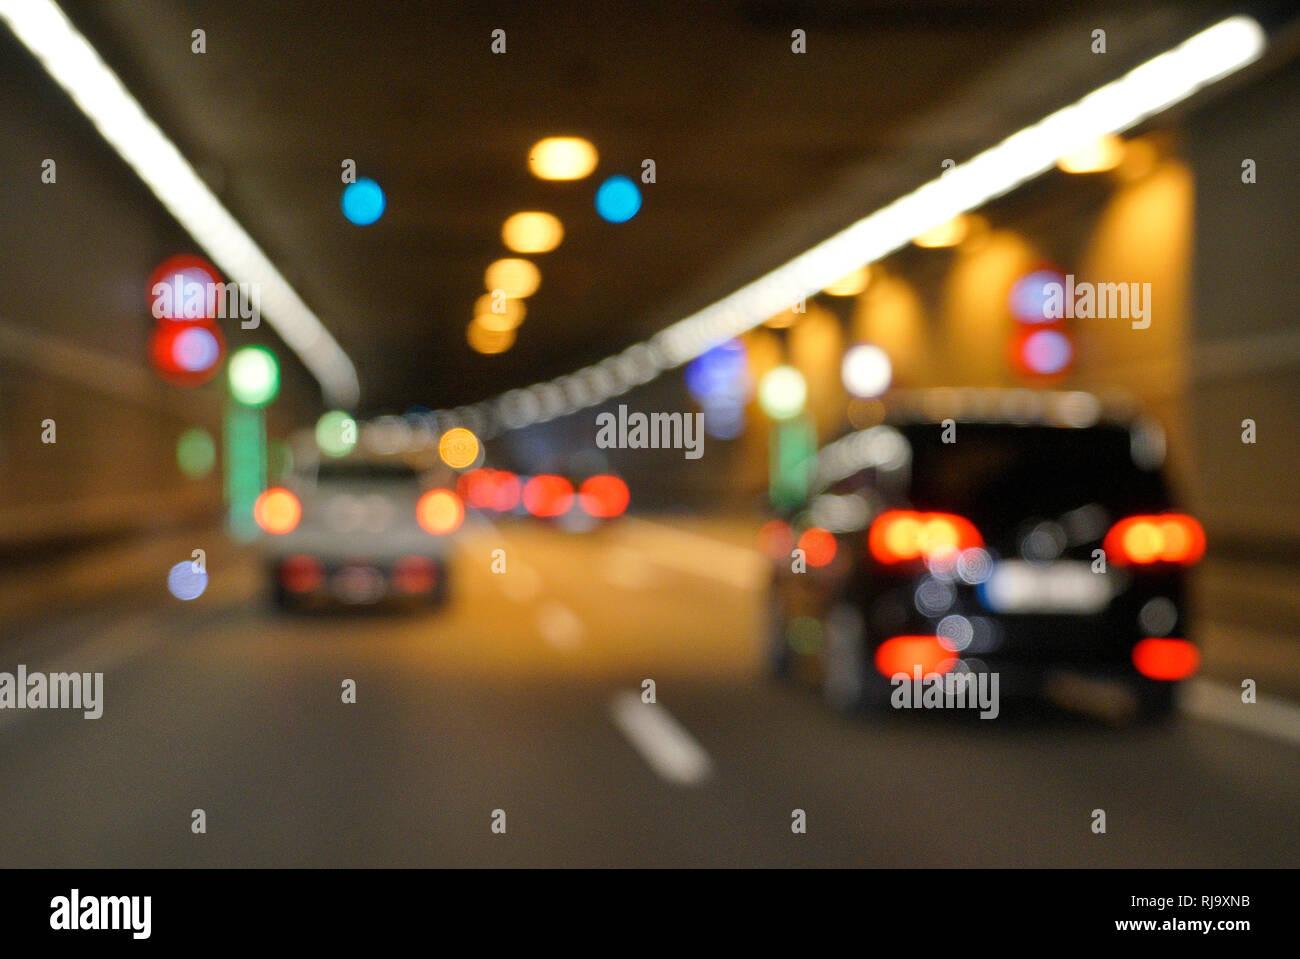 Deutschland, Bayern, München, Mittlerer Ring, Straßentunnel, Verkehr, Unschärfe, Lichter Stock Photo